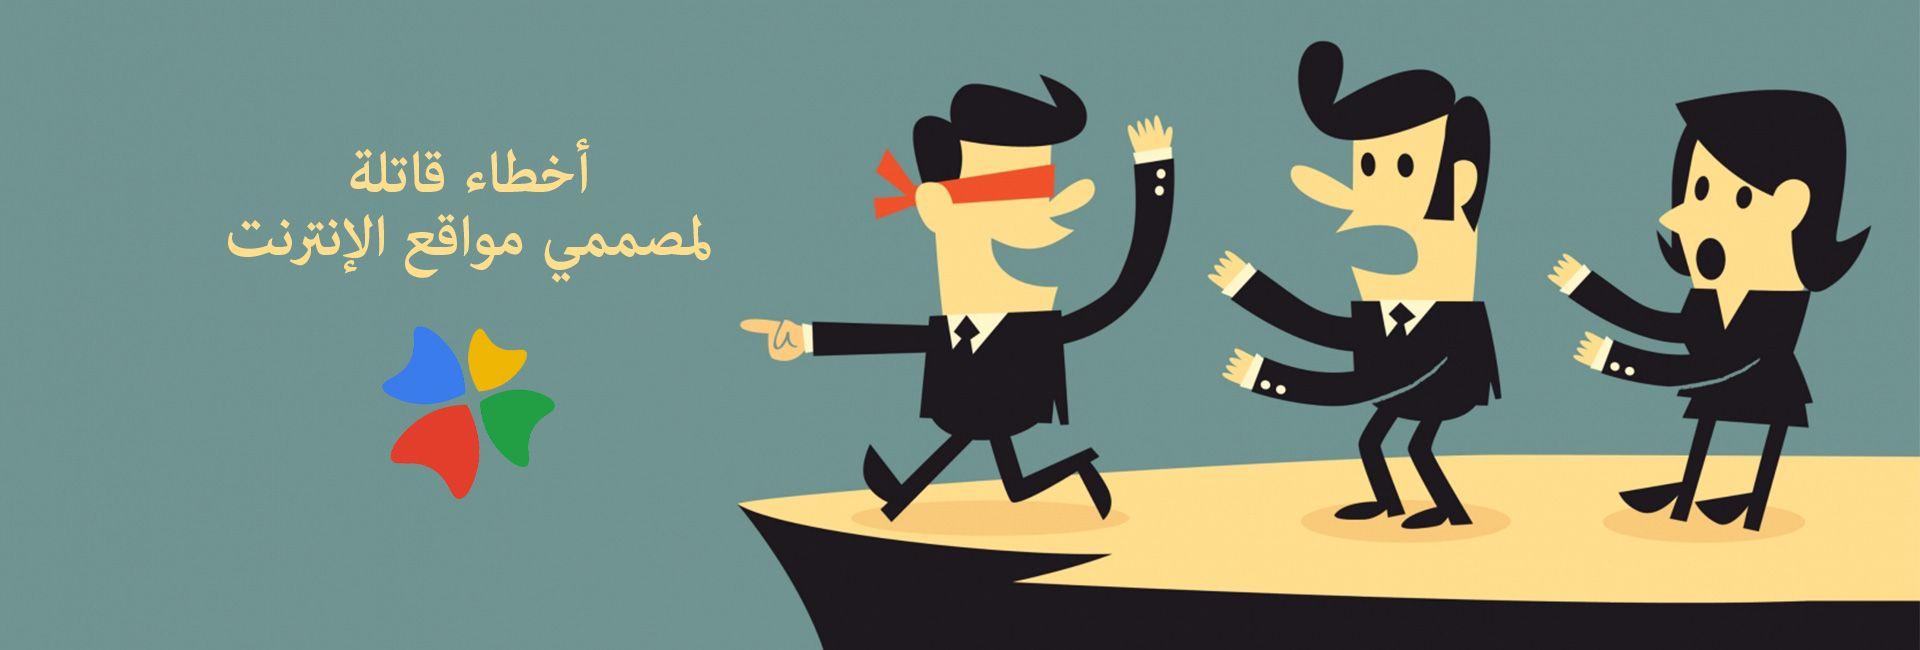 أخطاء قاتلة لأي مصمم مواقع إنترنت محترف أو مبتدئ